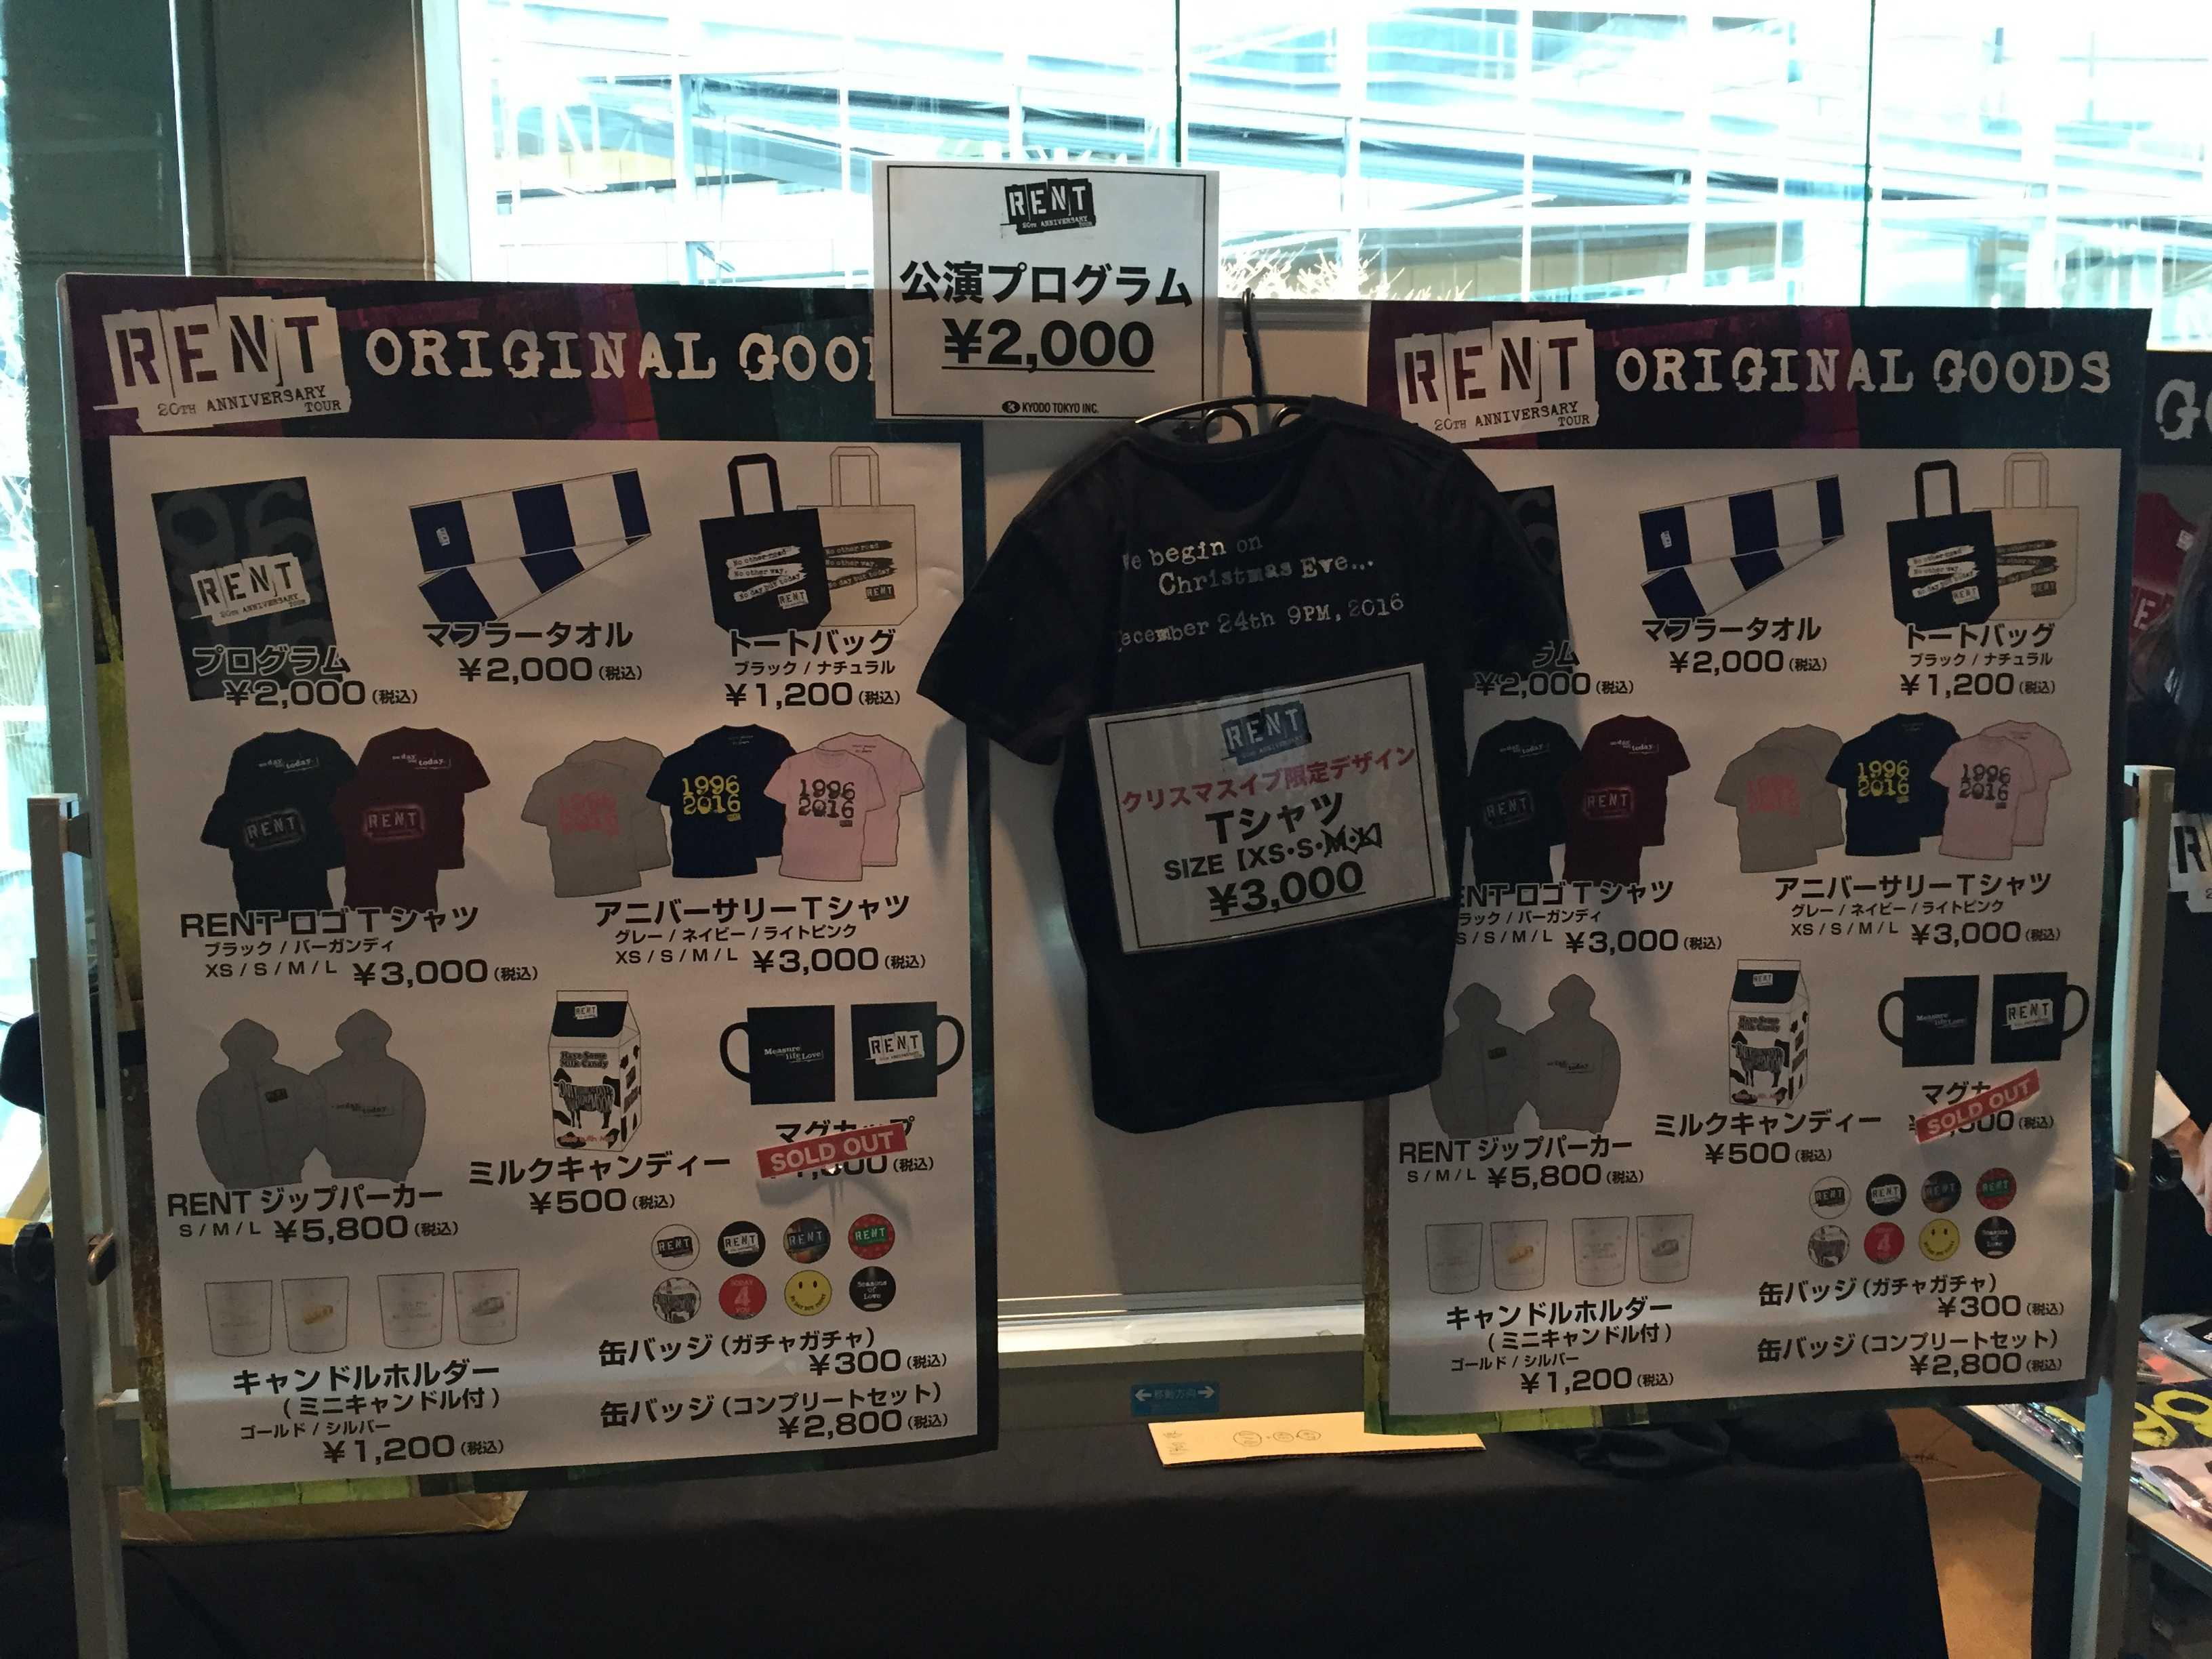 RENTの公演プラグラムやTシャツ